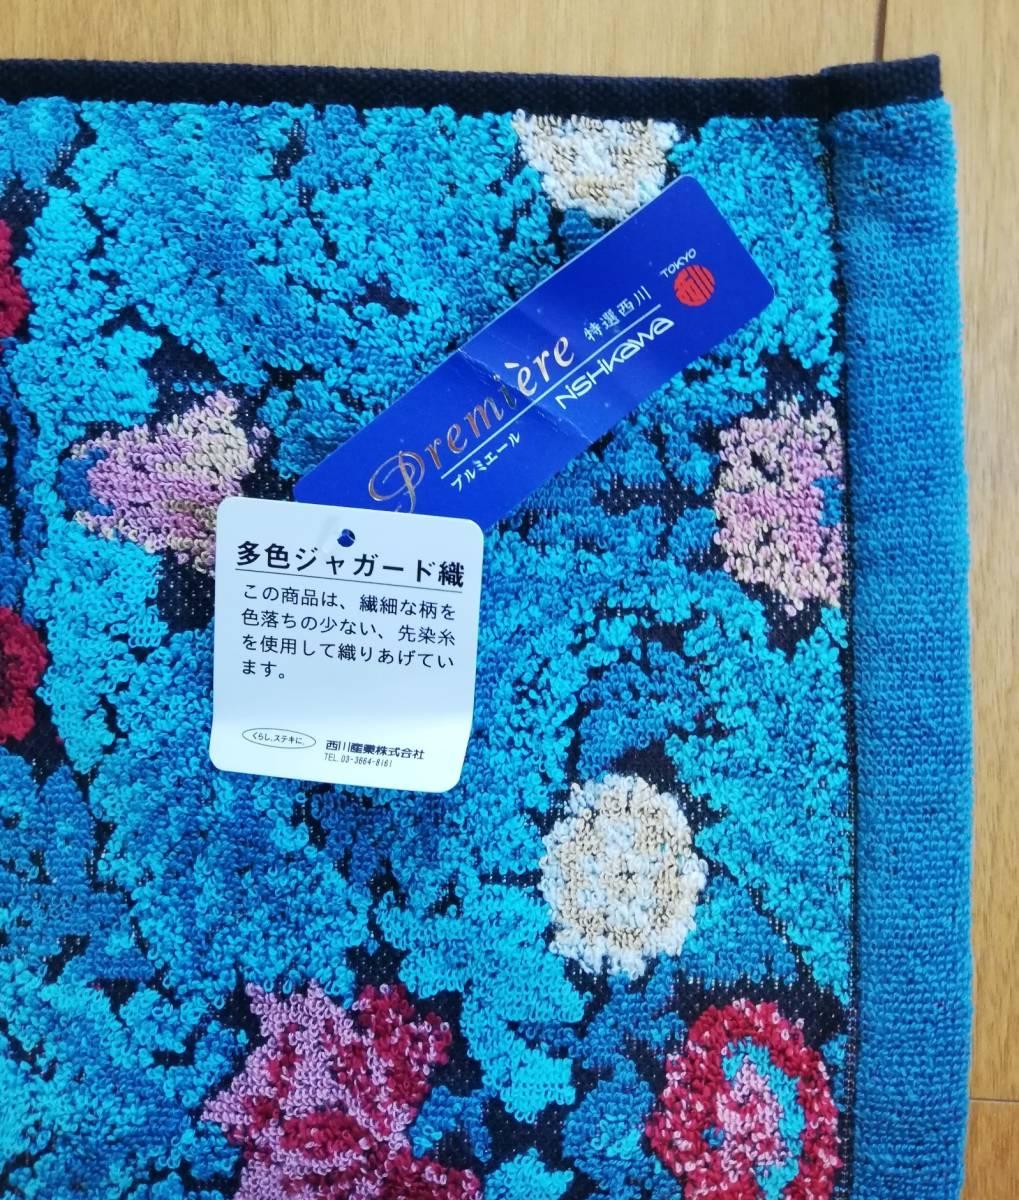 ジャガード織 ウォッシュタオル 色違い2種類のセット 西川産業 日本製 綿100% プリミエール 未使用_画像6